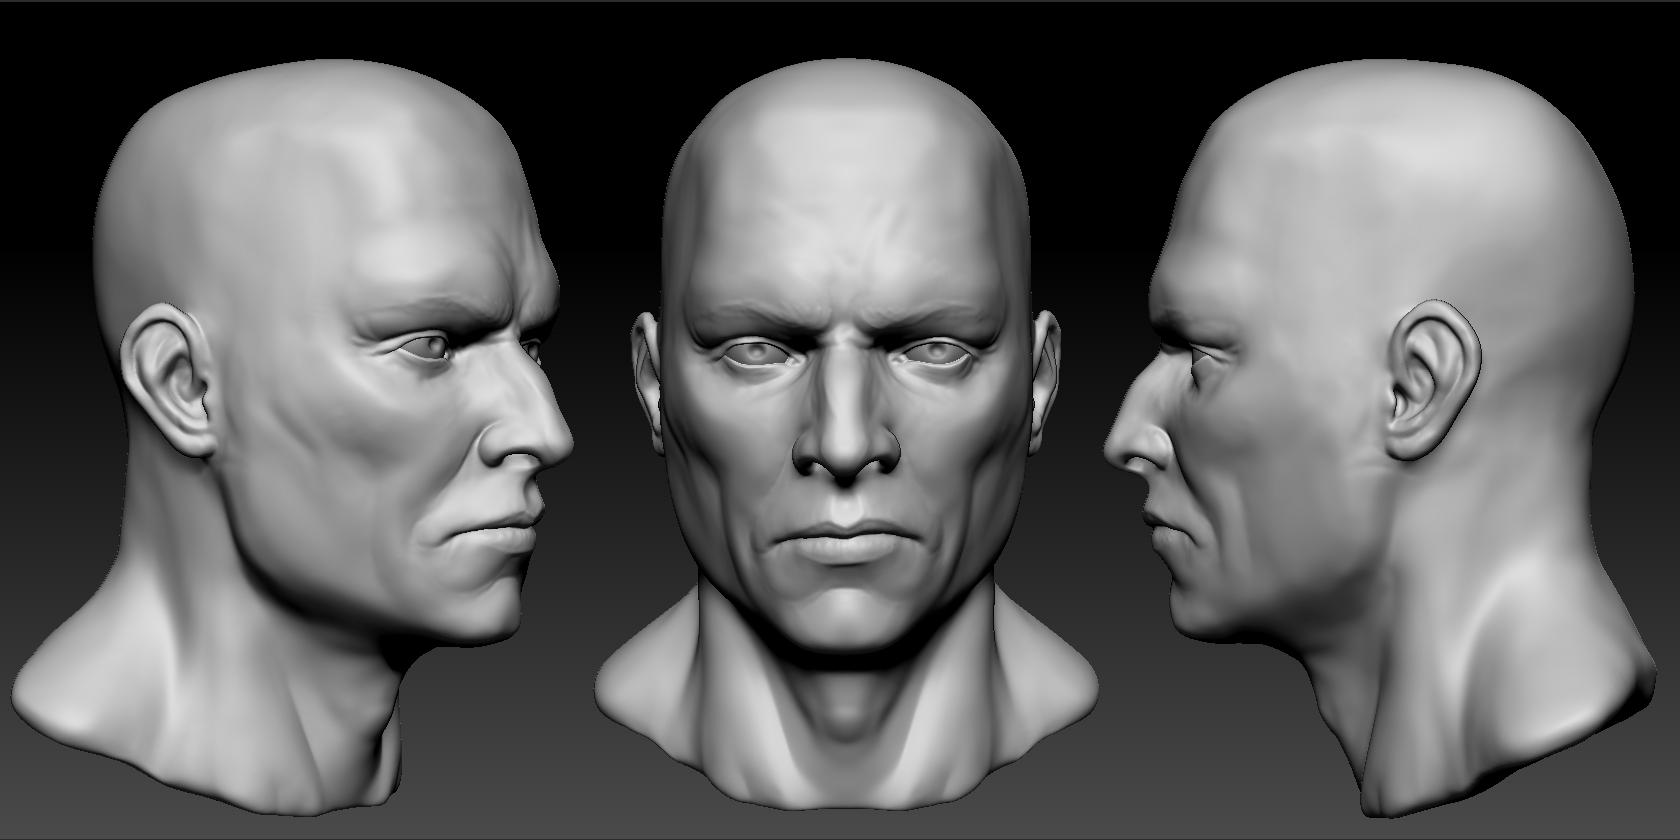 automob 3d anatomy tutorial - HD1680×840